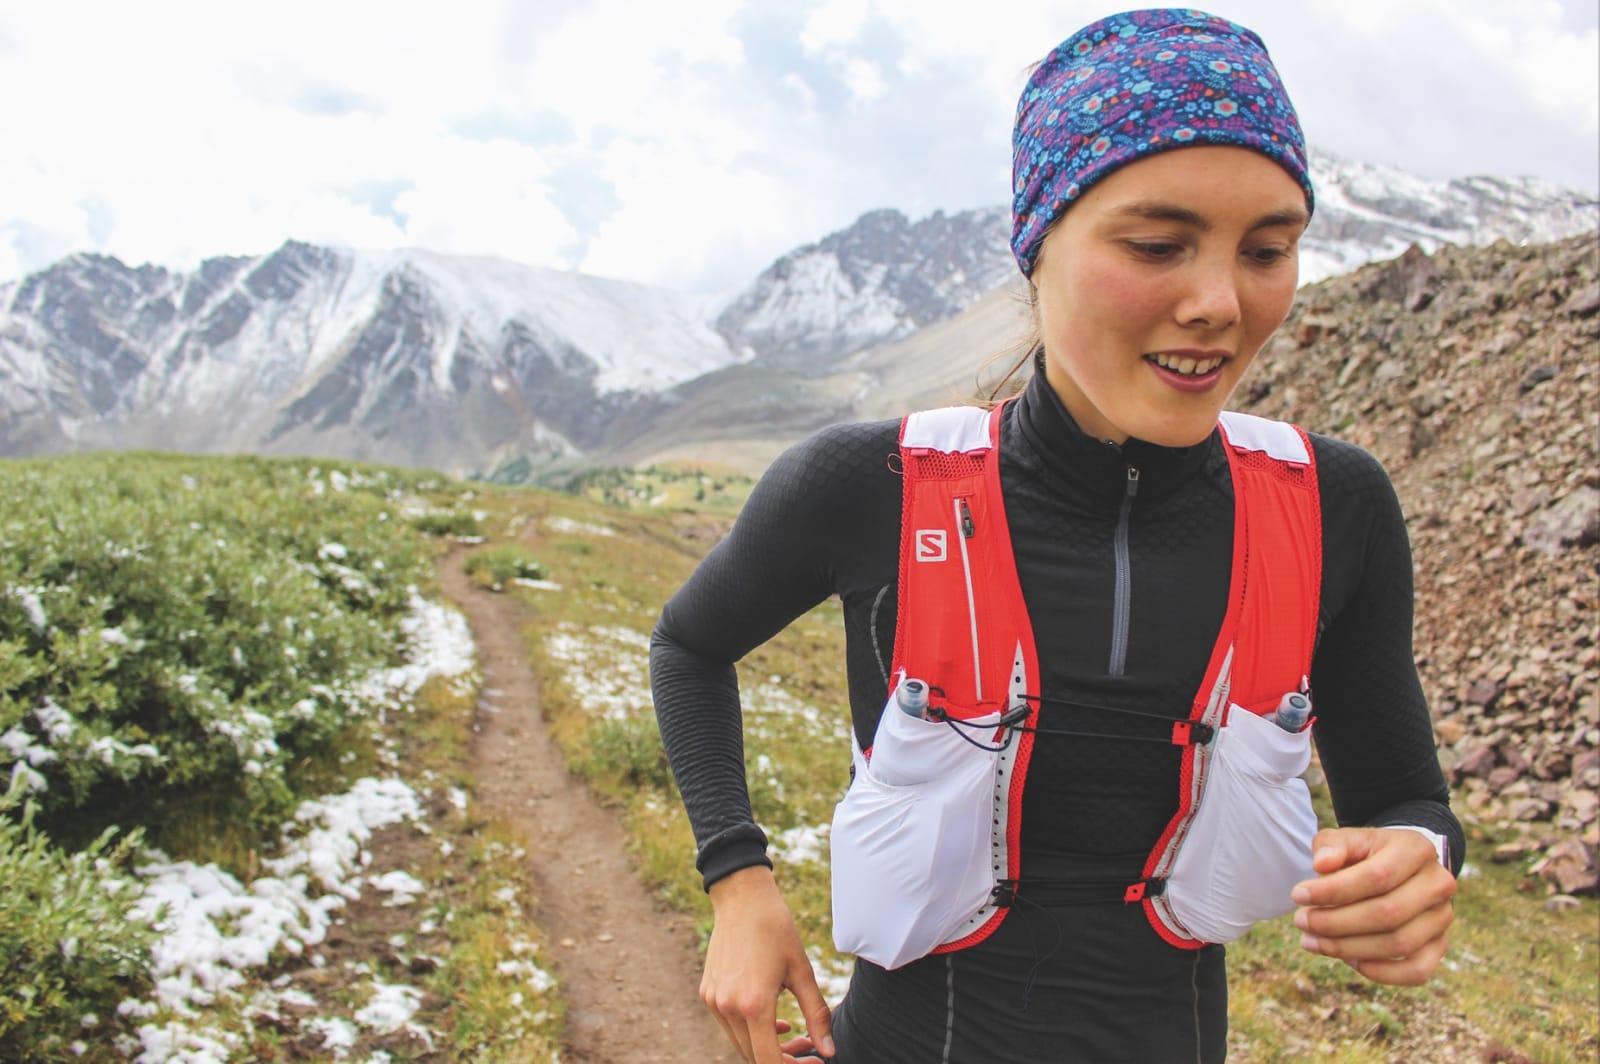 VERDEN RUNDT: Løpingen har tatt Yngvild verden rundt. Her er hun i aksjon i ett terrengløp i Aspen. Foto: Martina Valmassol